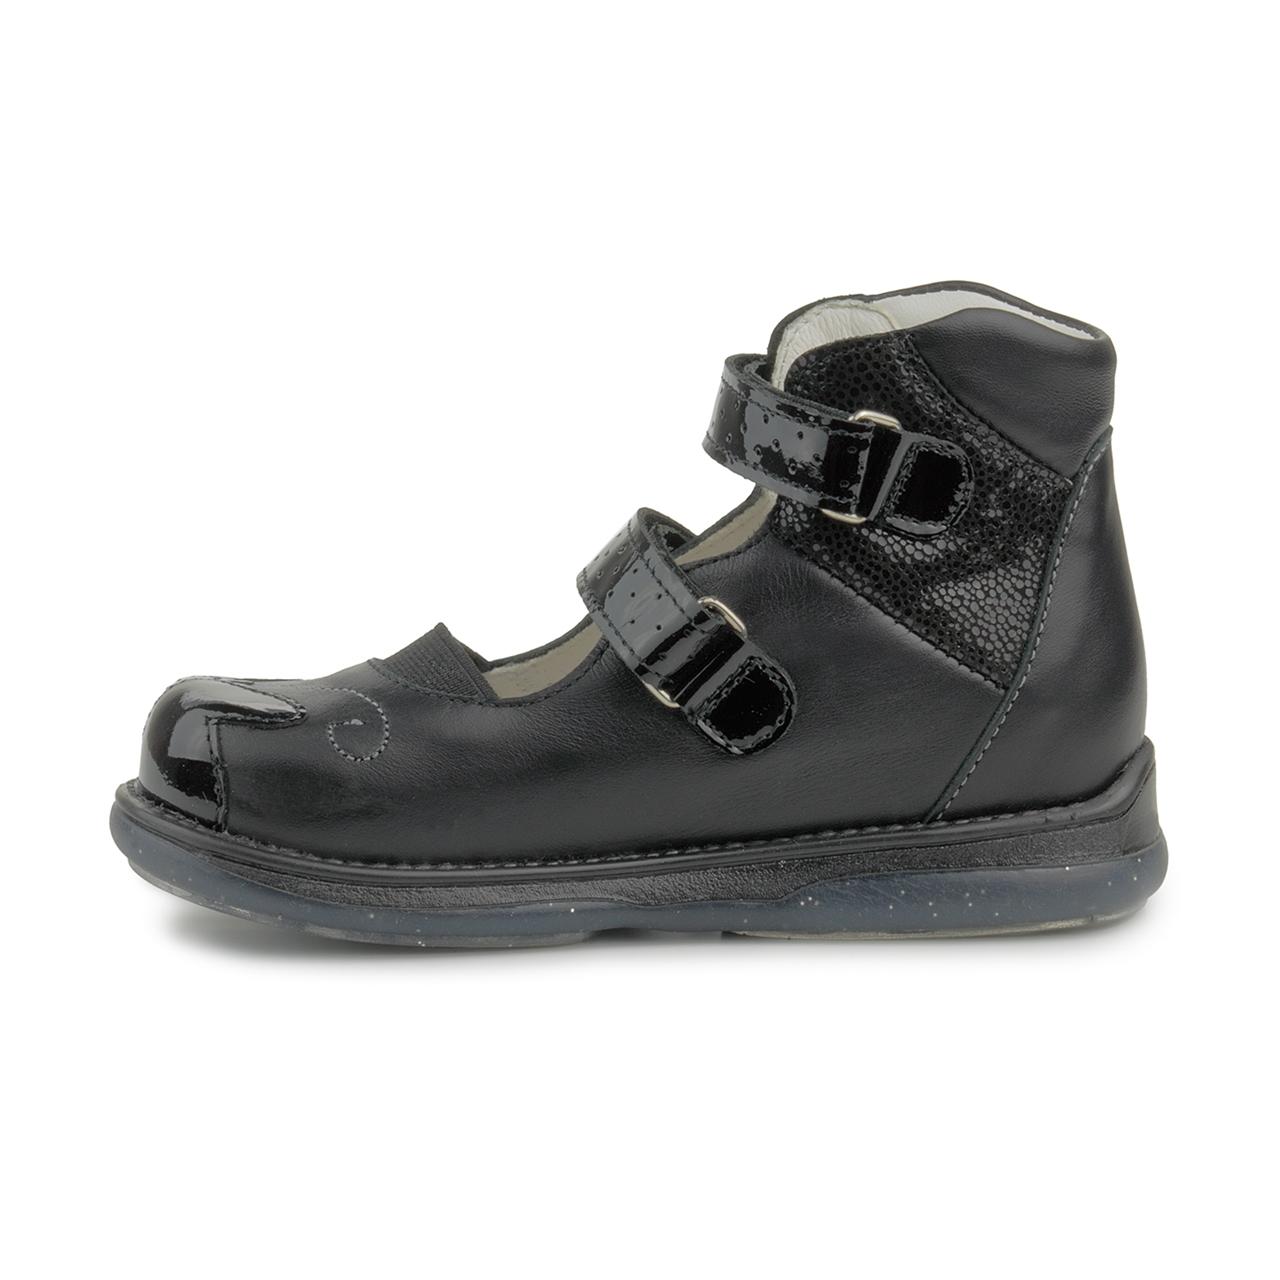 Thermoplastic Heel Counter School Shoe